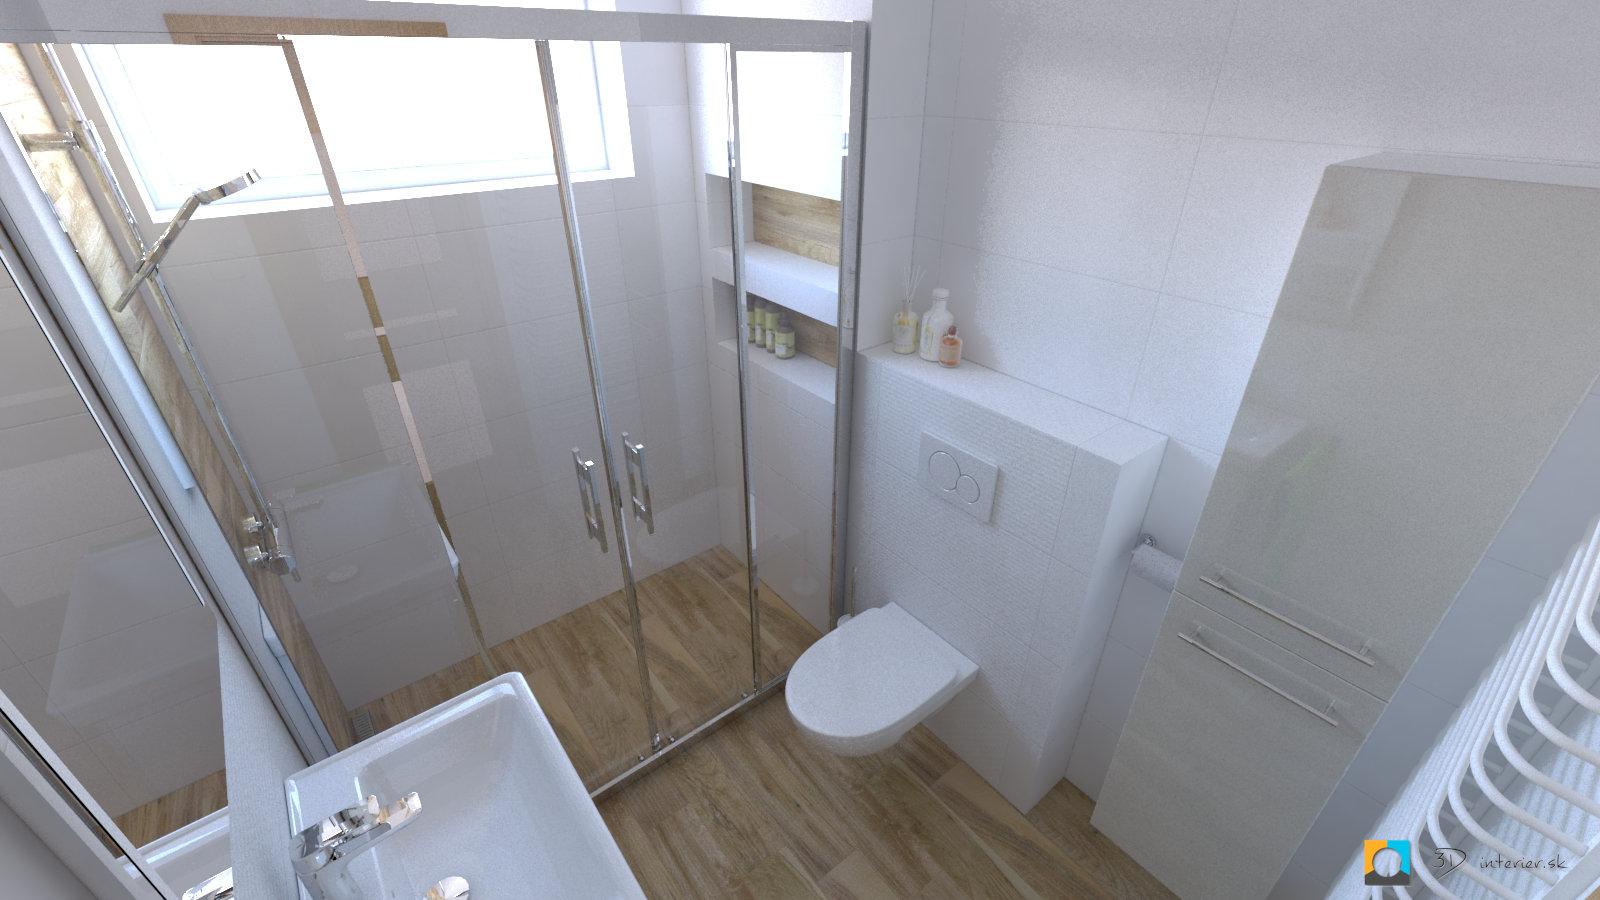 dizajnovy navrh interieru malá kúpeľňa